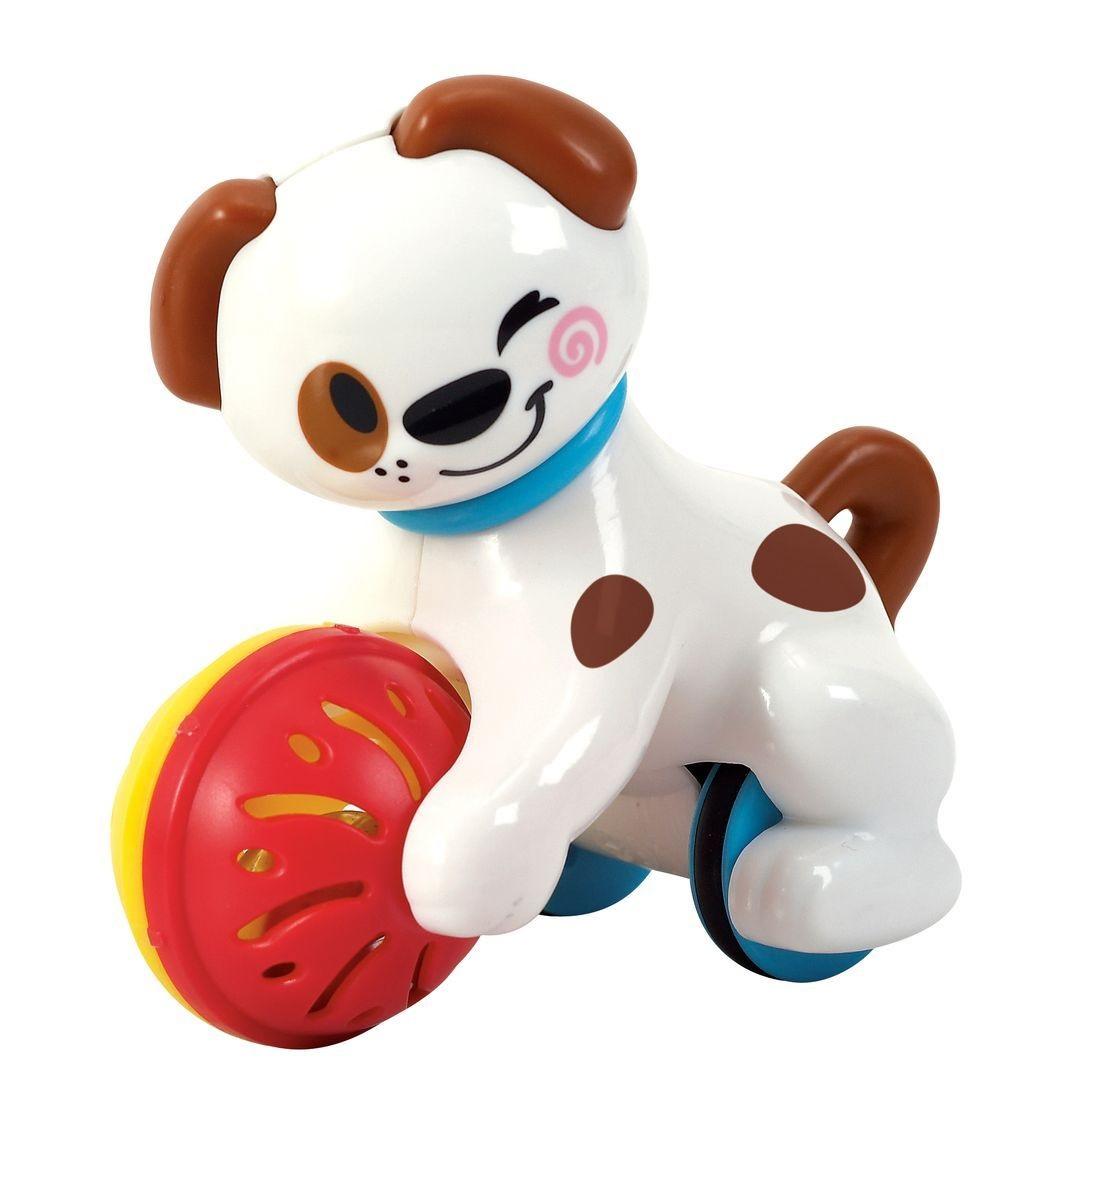 Развивающая игрушка – Щенок с колесикамиРазвивающие игрушки PlayGo<br>Развивающая игрушка – Щенок с колесиками<br>